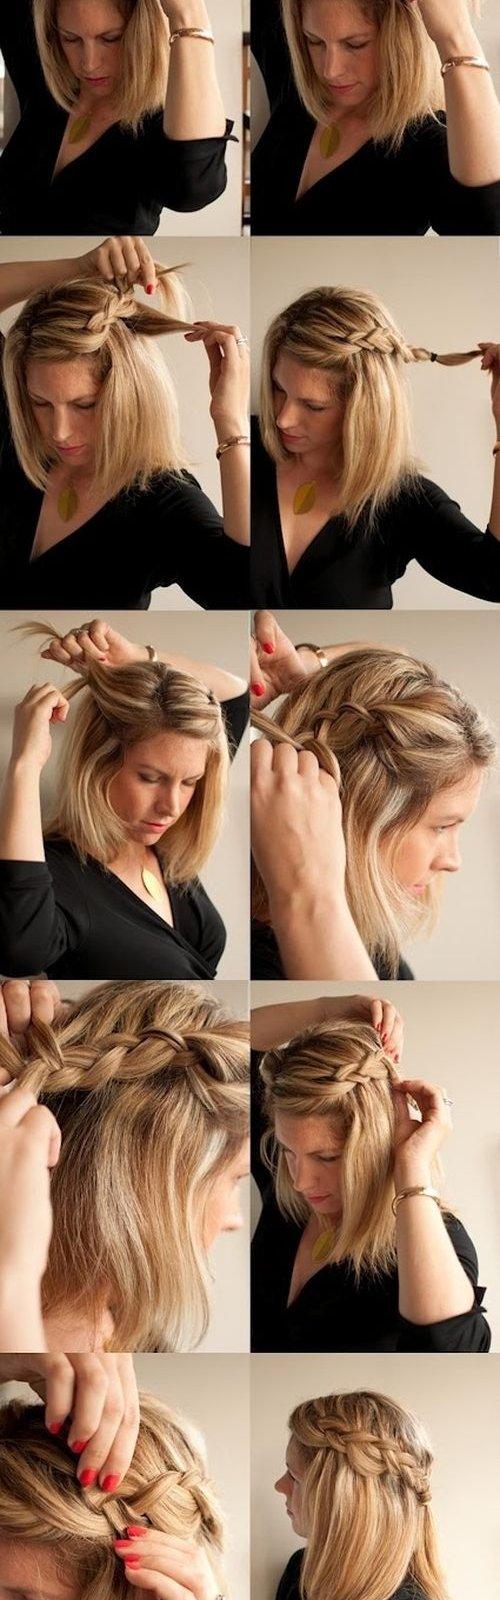 плетение греческой косы схема